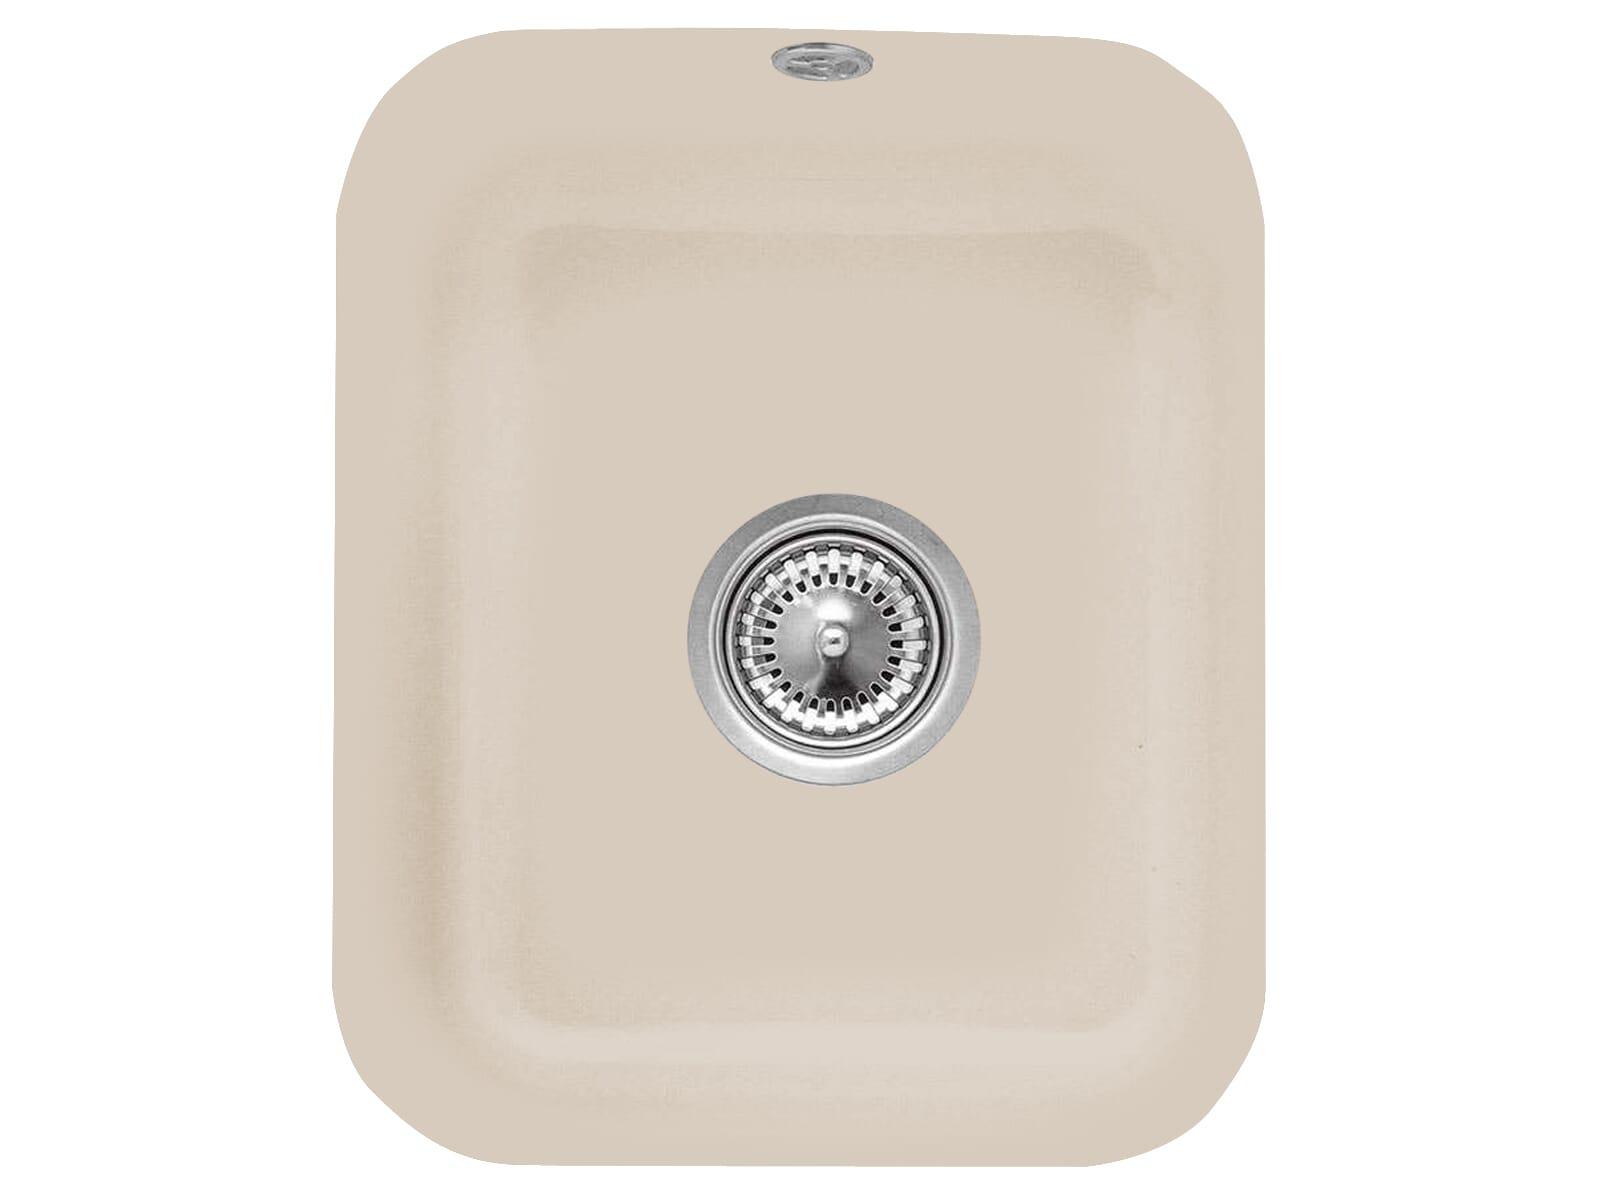 Villeroy & Boch Cisterna 45 Almond - 6704 01 AM Keramikspüle Handbetätigung